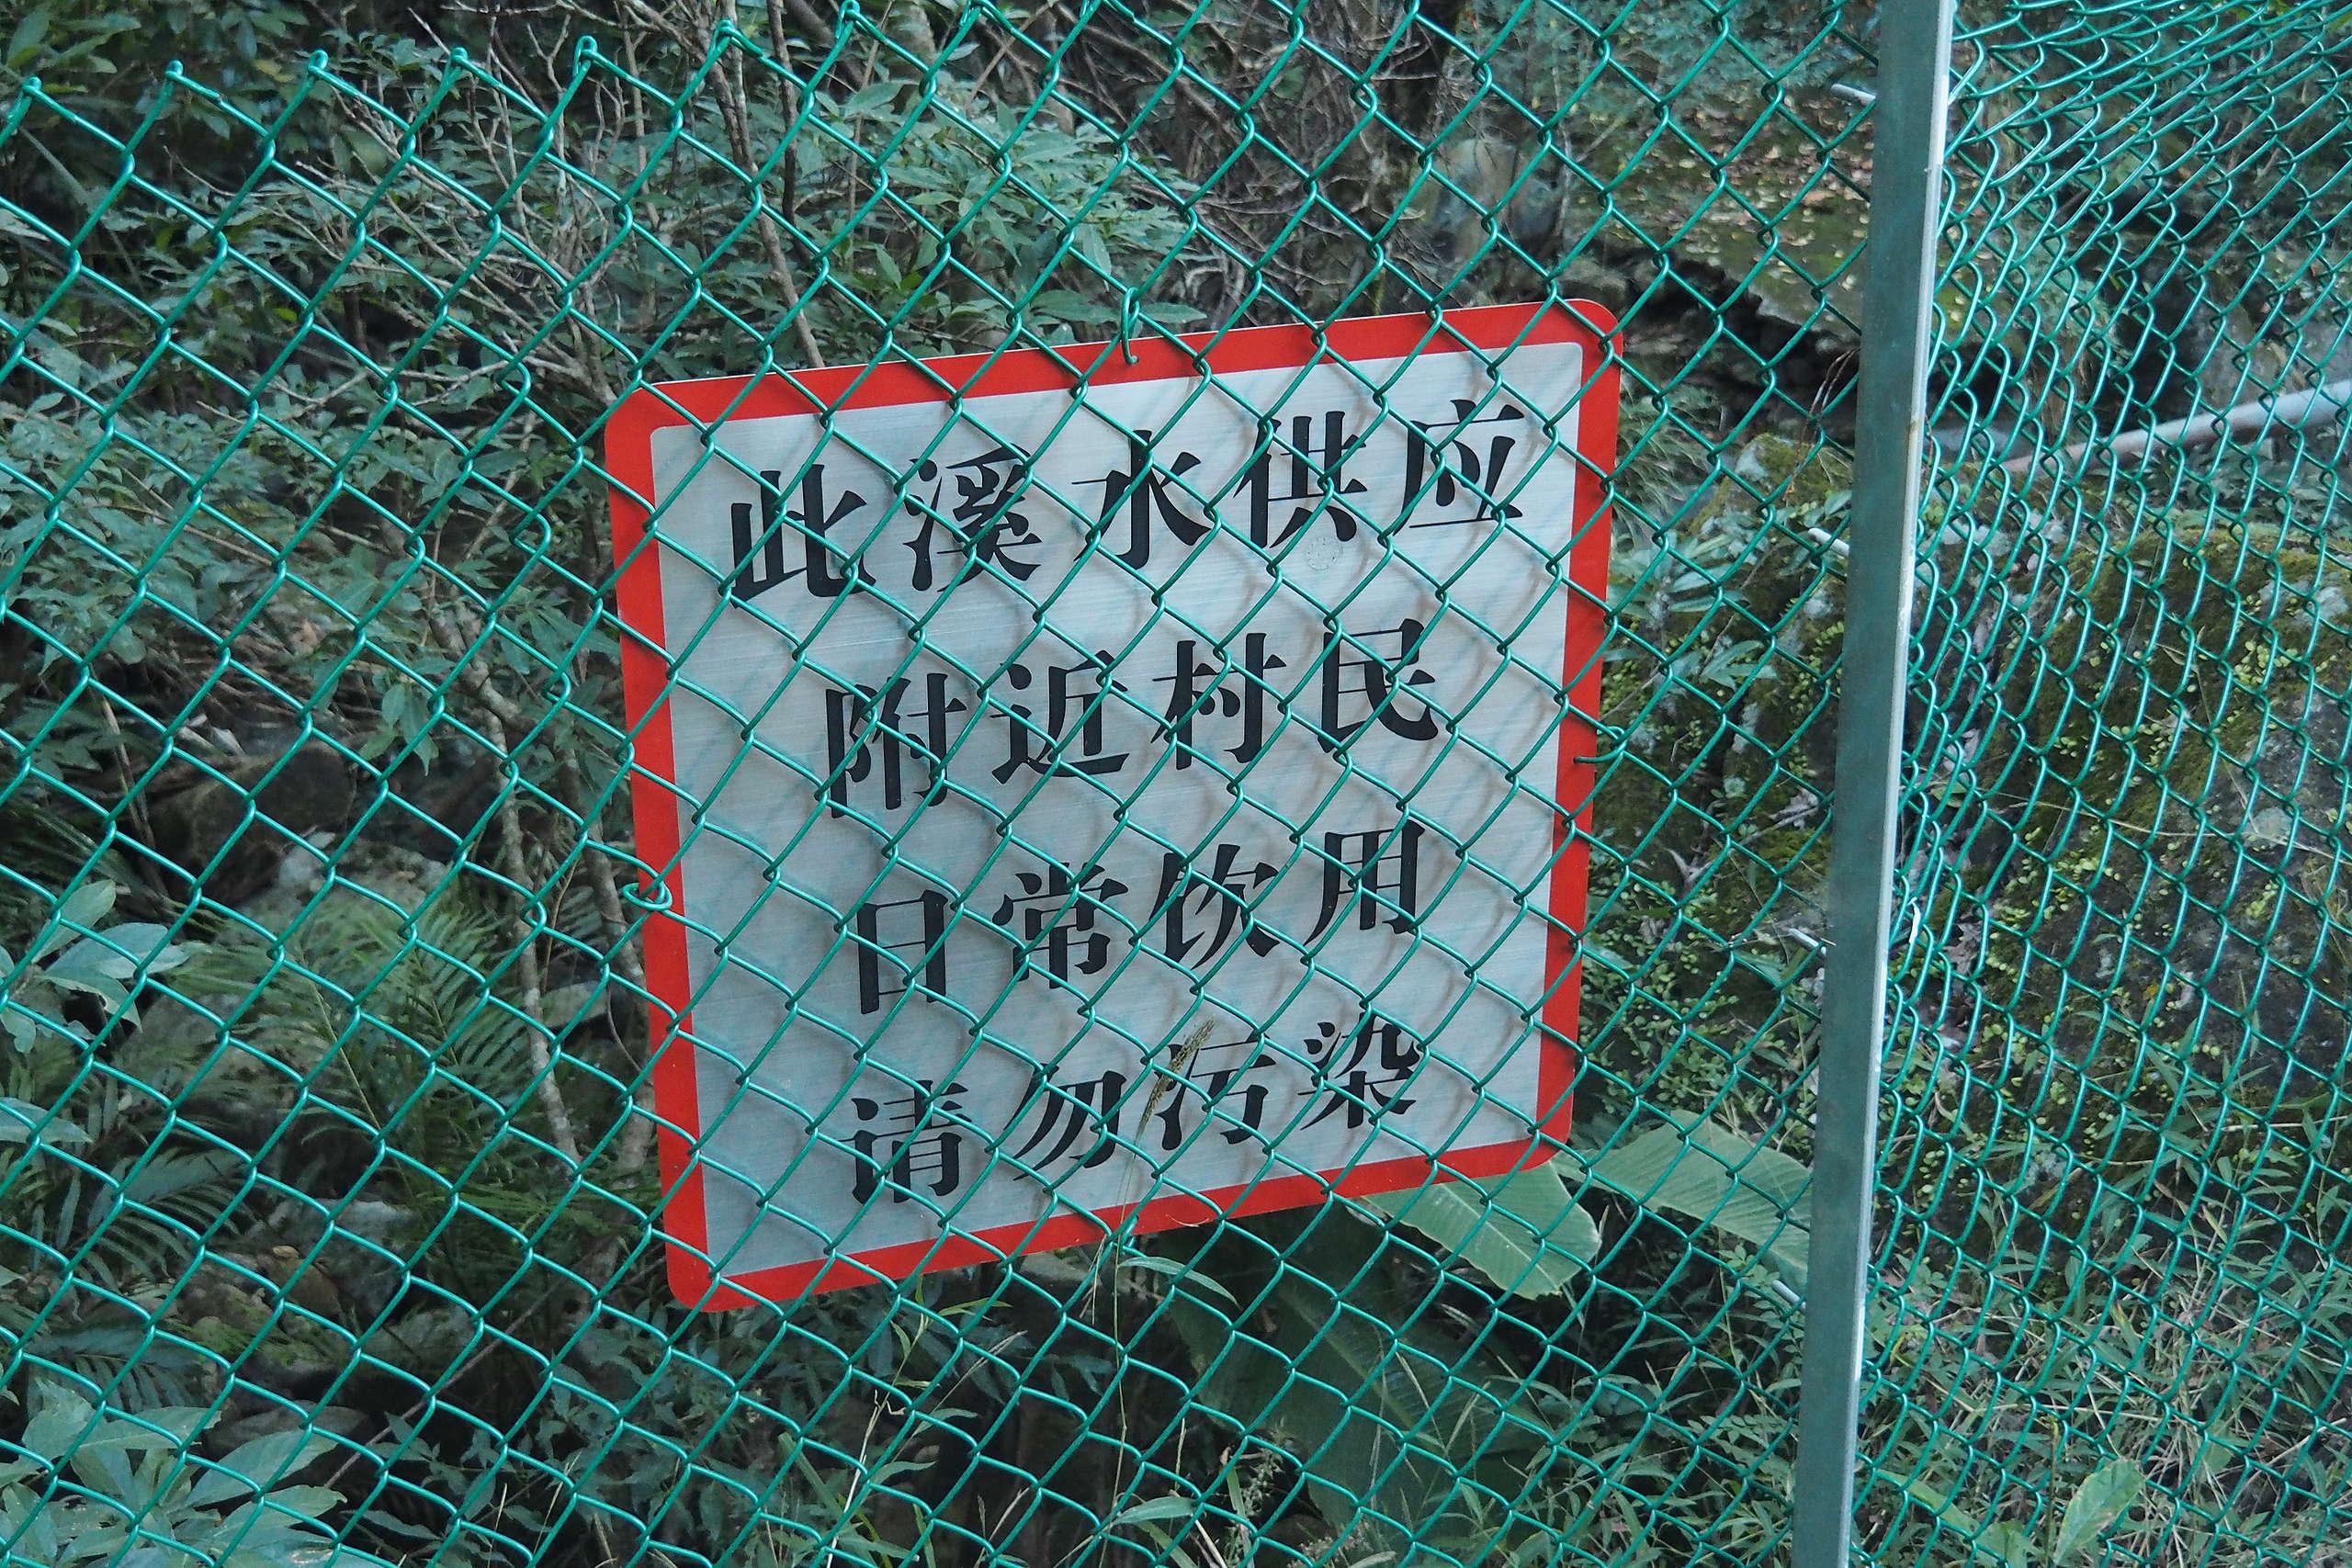 下山期間會接上馬大石澗的上游區,附近其實有很多警告牌,示意水源是村民飲用的,因此請勿污染水源!© 香港山女